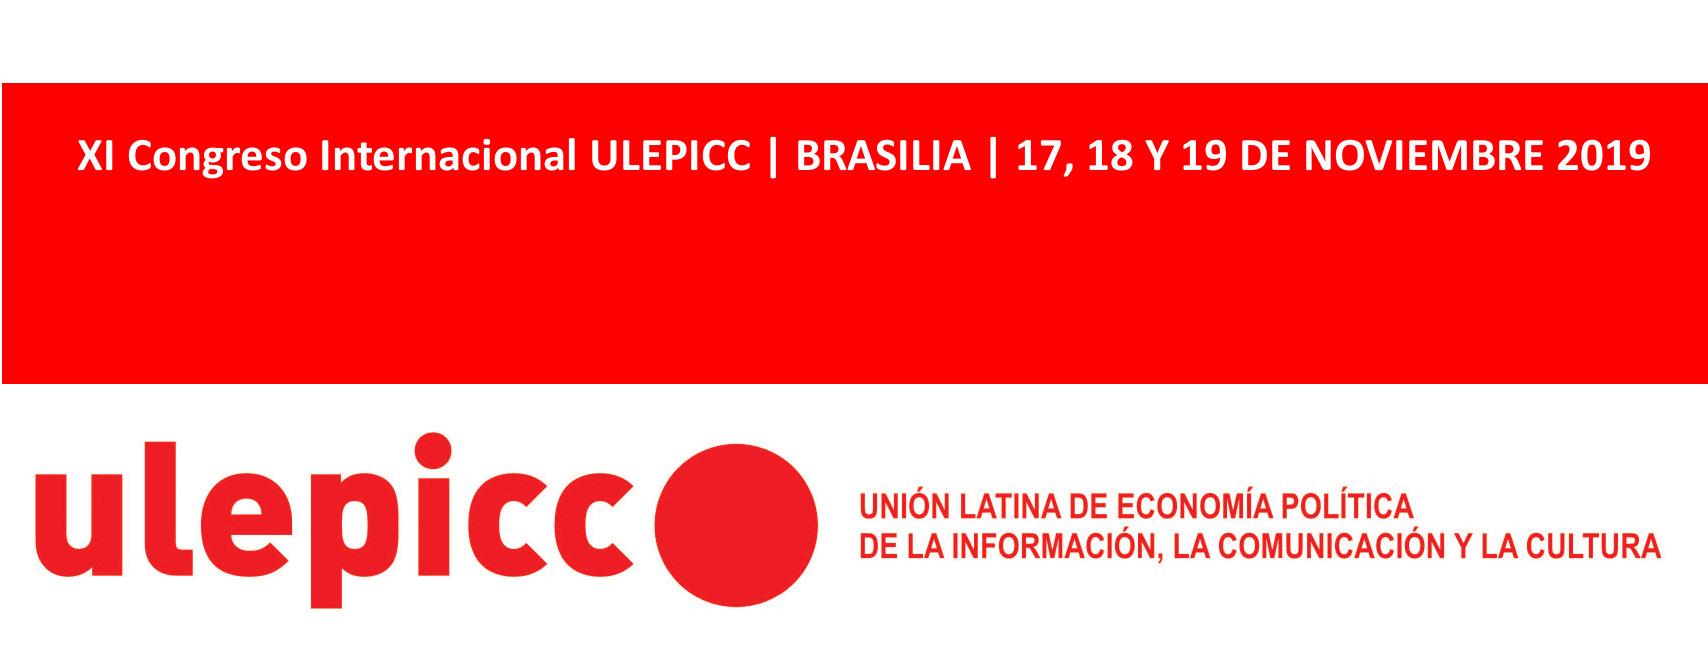 Resultado de imagen para XI Congreso Internacional ULEPICC